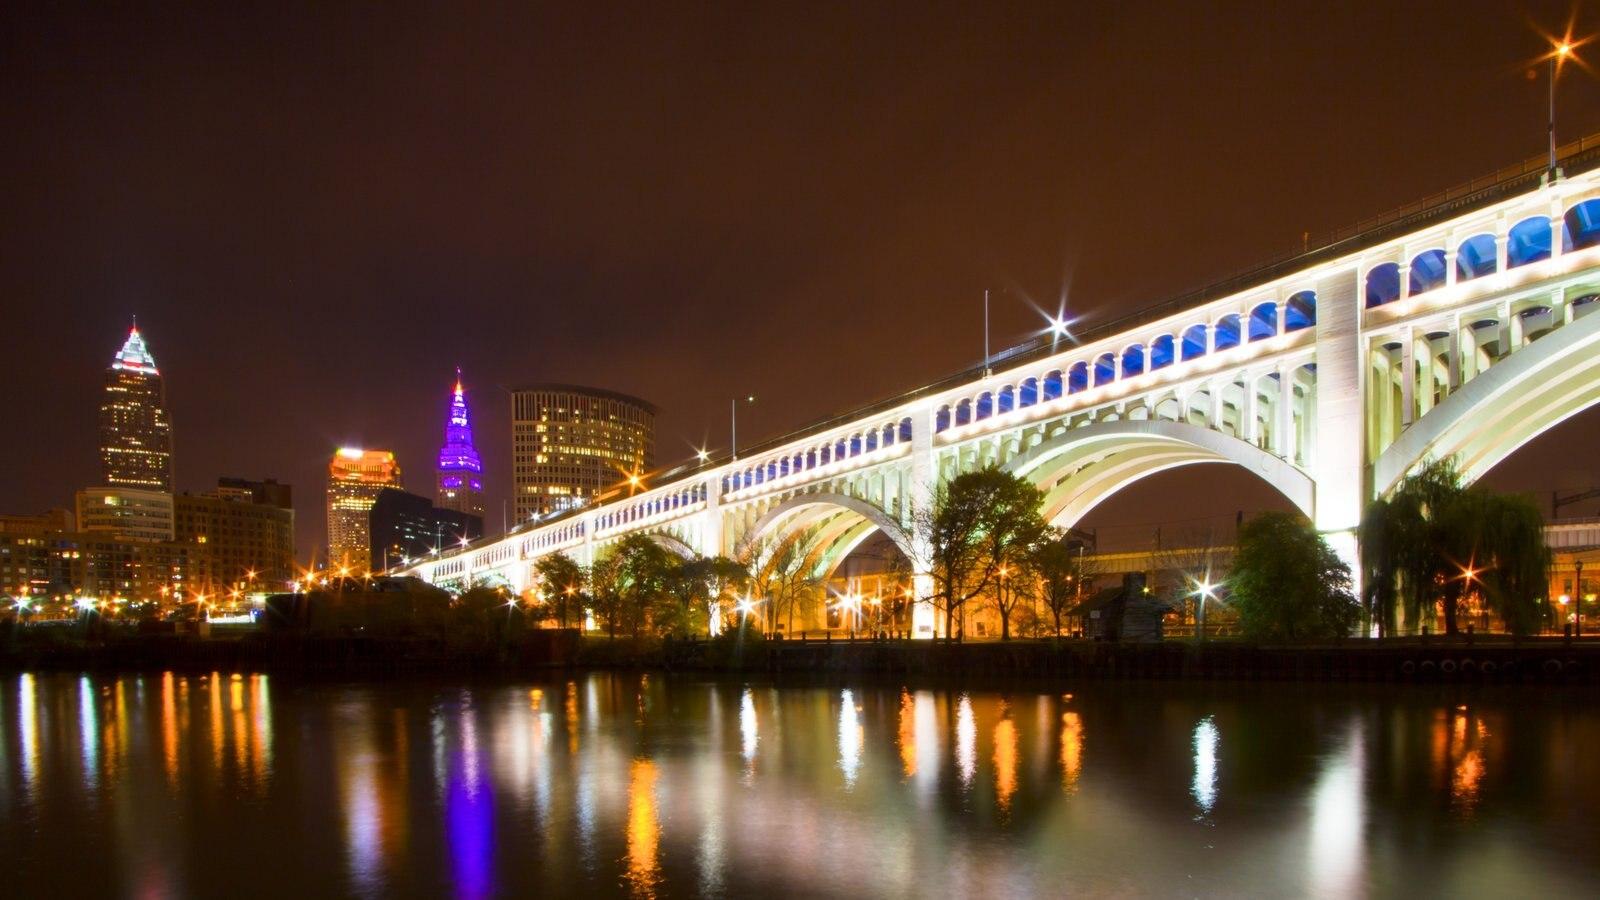 Cleveland caracterizando uma cidade, uma ponte e cenas noturnas